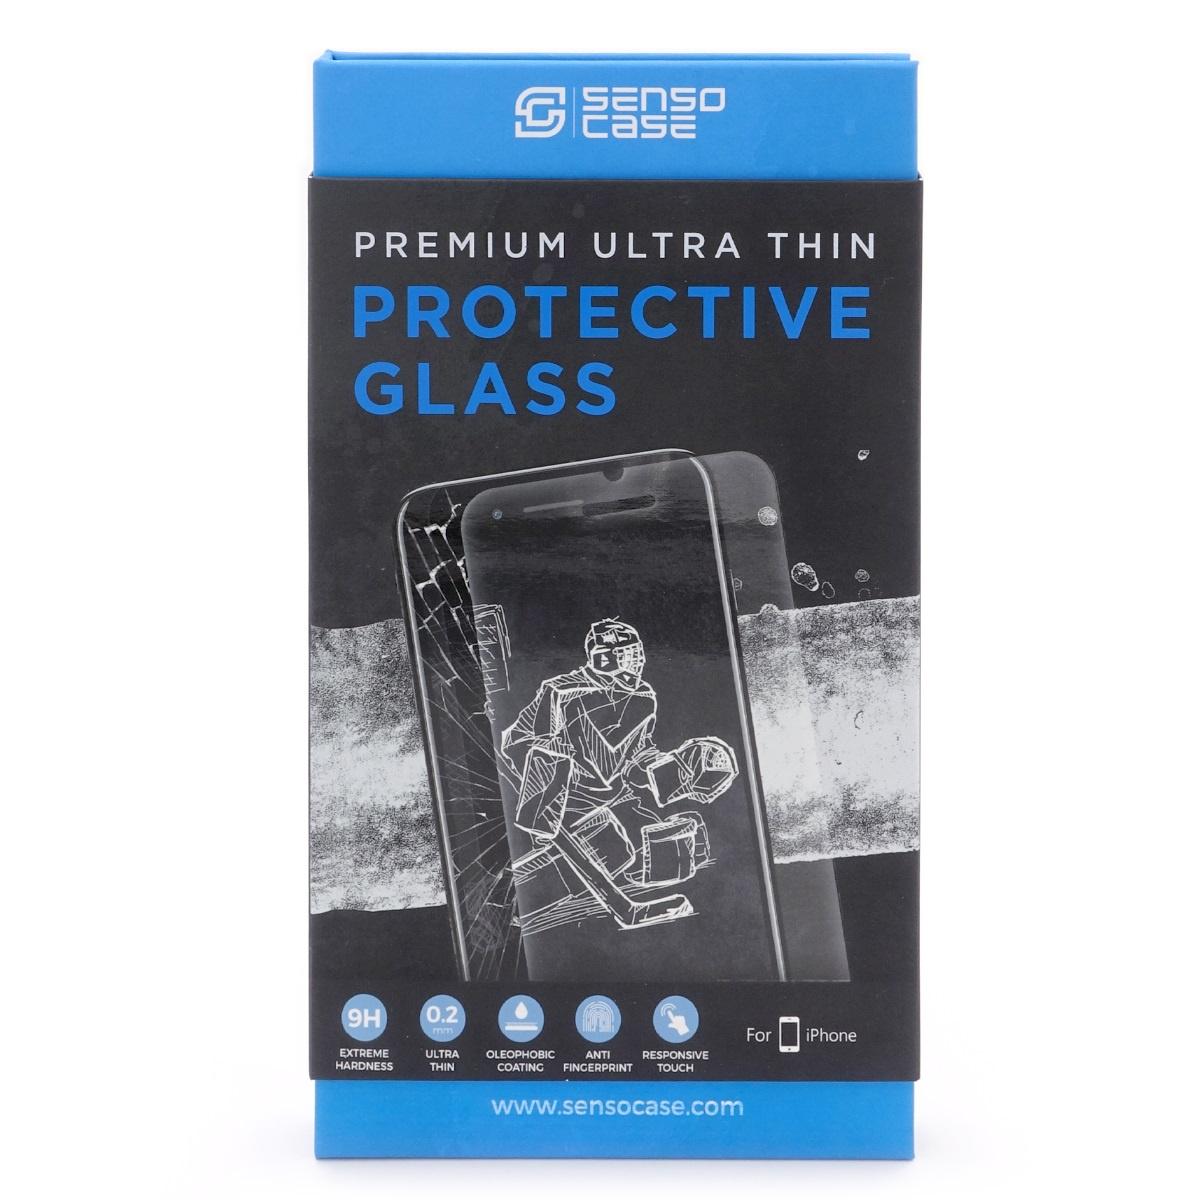 Защитное стекло SensoCase для iPhone 8 Plus Protective Glass 0.2 mm 2,5D 9H+, ультратонкое, кристально прозрачное, PG-IP8P